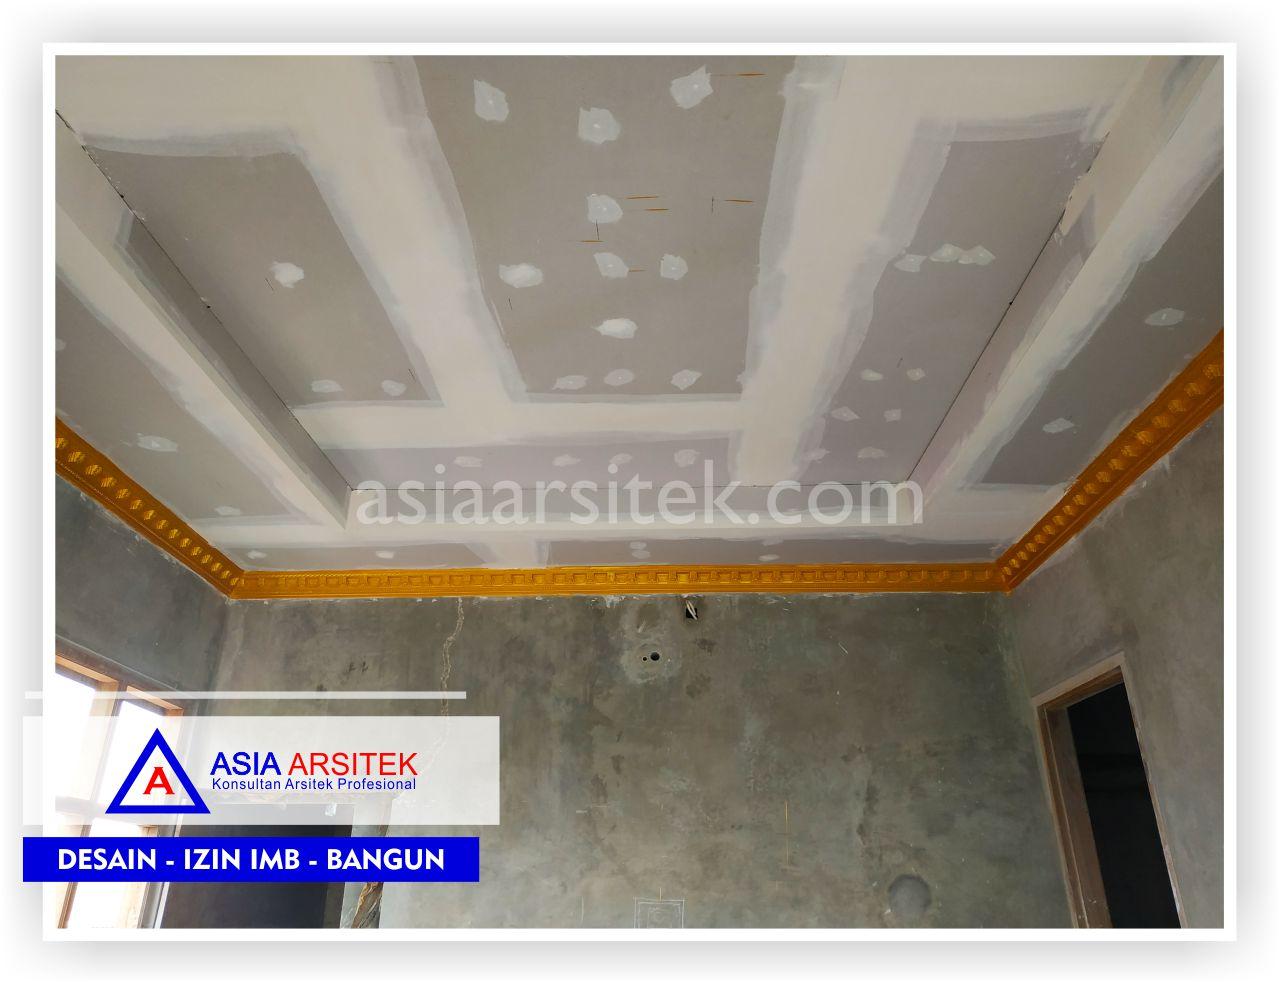 Pemasangan plafon Rumah Klasik Mewah Bu Elisa - Arsitek Desain Rumah Minimalis Modern Di Jakarta-Tangerang-Bogor-Bekasi-Bandung-Jasa Konsultan Desain Arsitek Profesional (2)